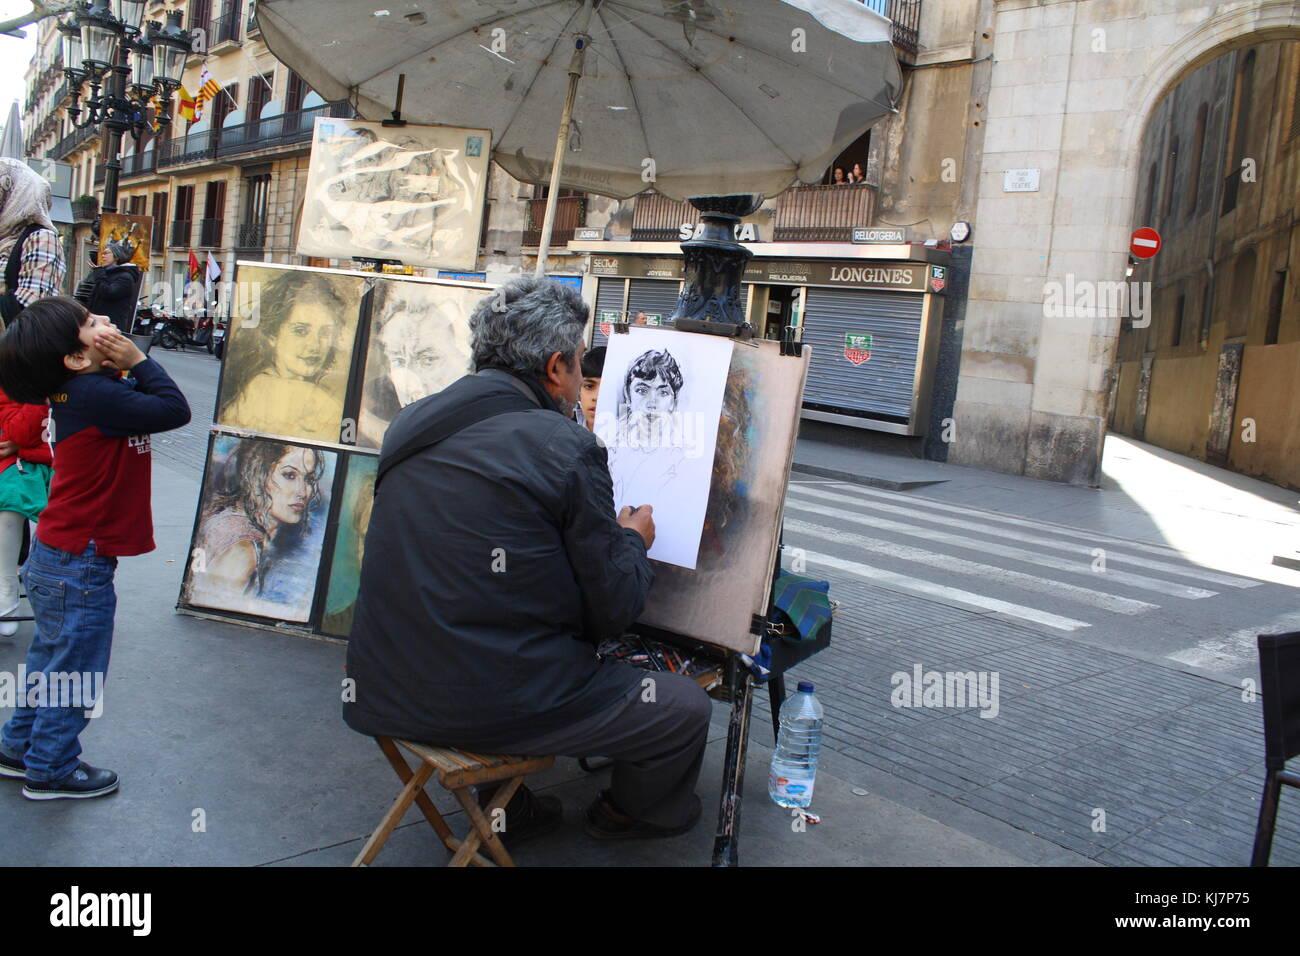 Un artista gráfico haciendo un retrato en la calle. Foto de stock